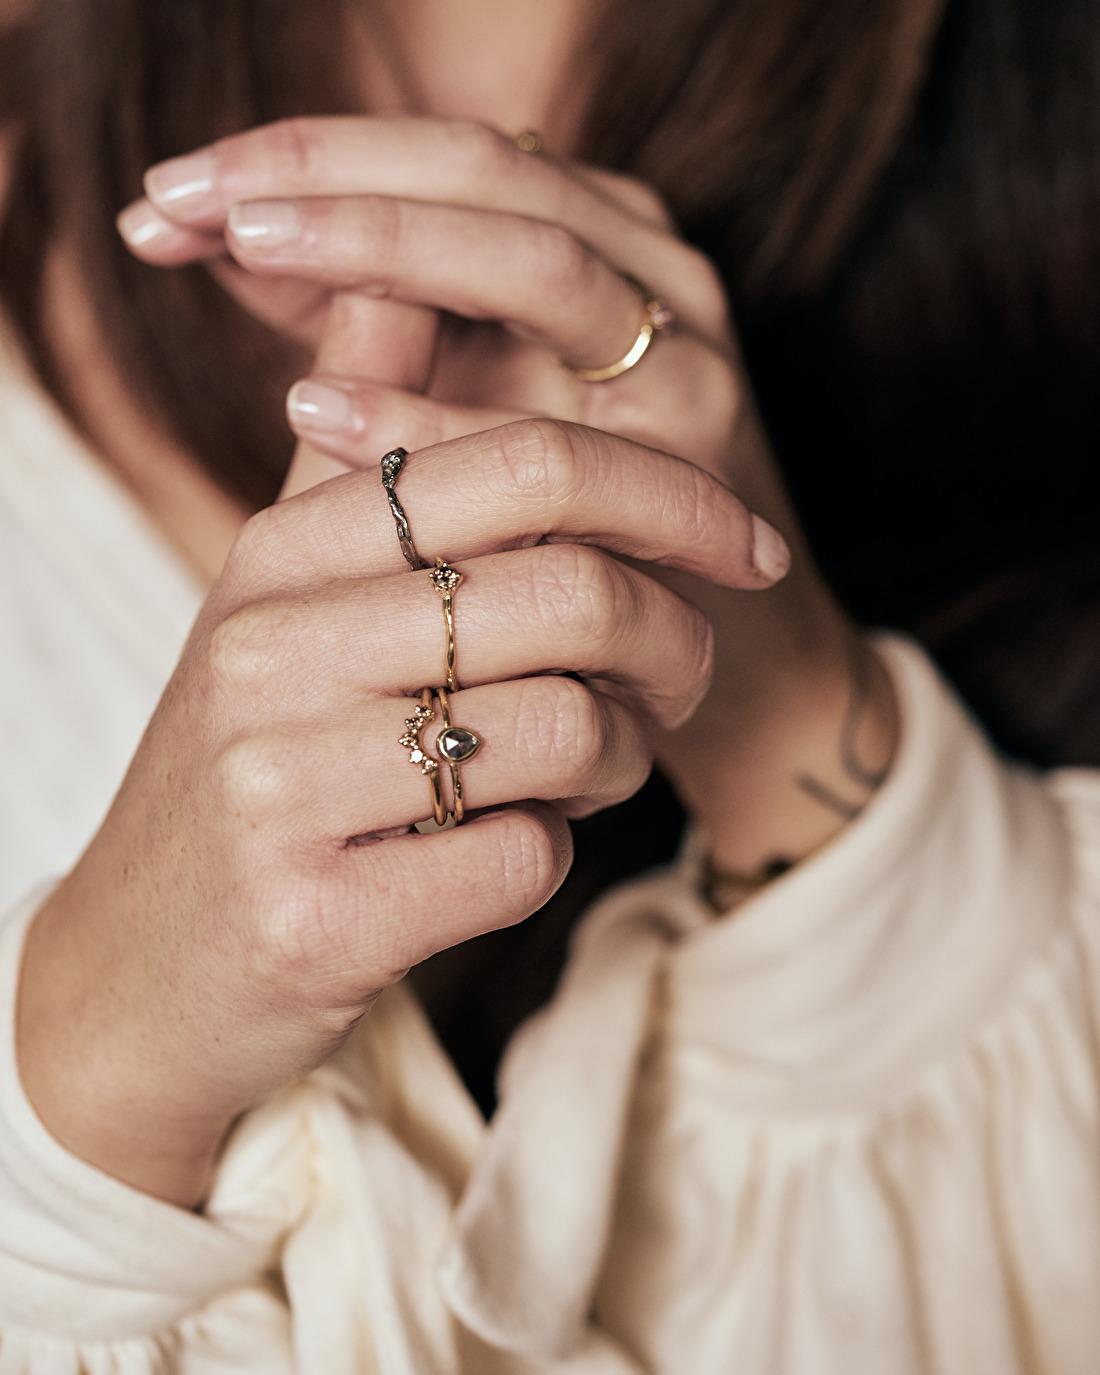 Cate Adriana with Nadine Kieft Jewelry rings